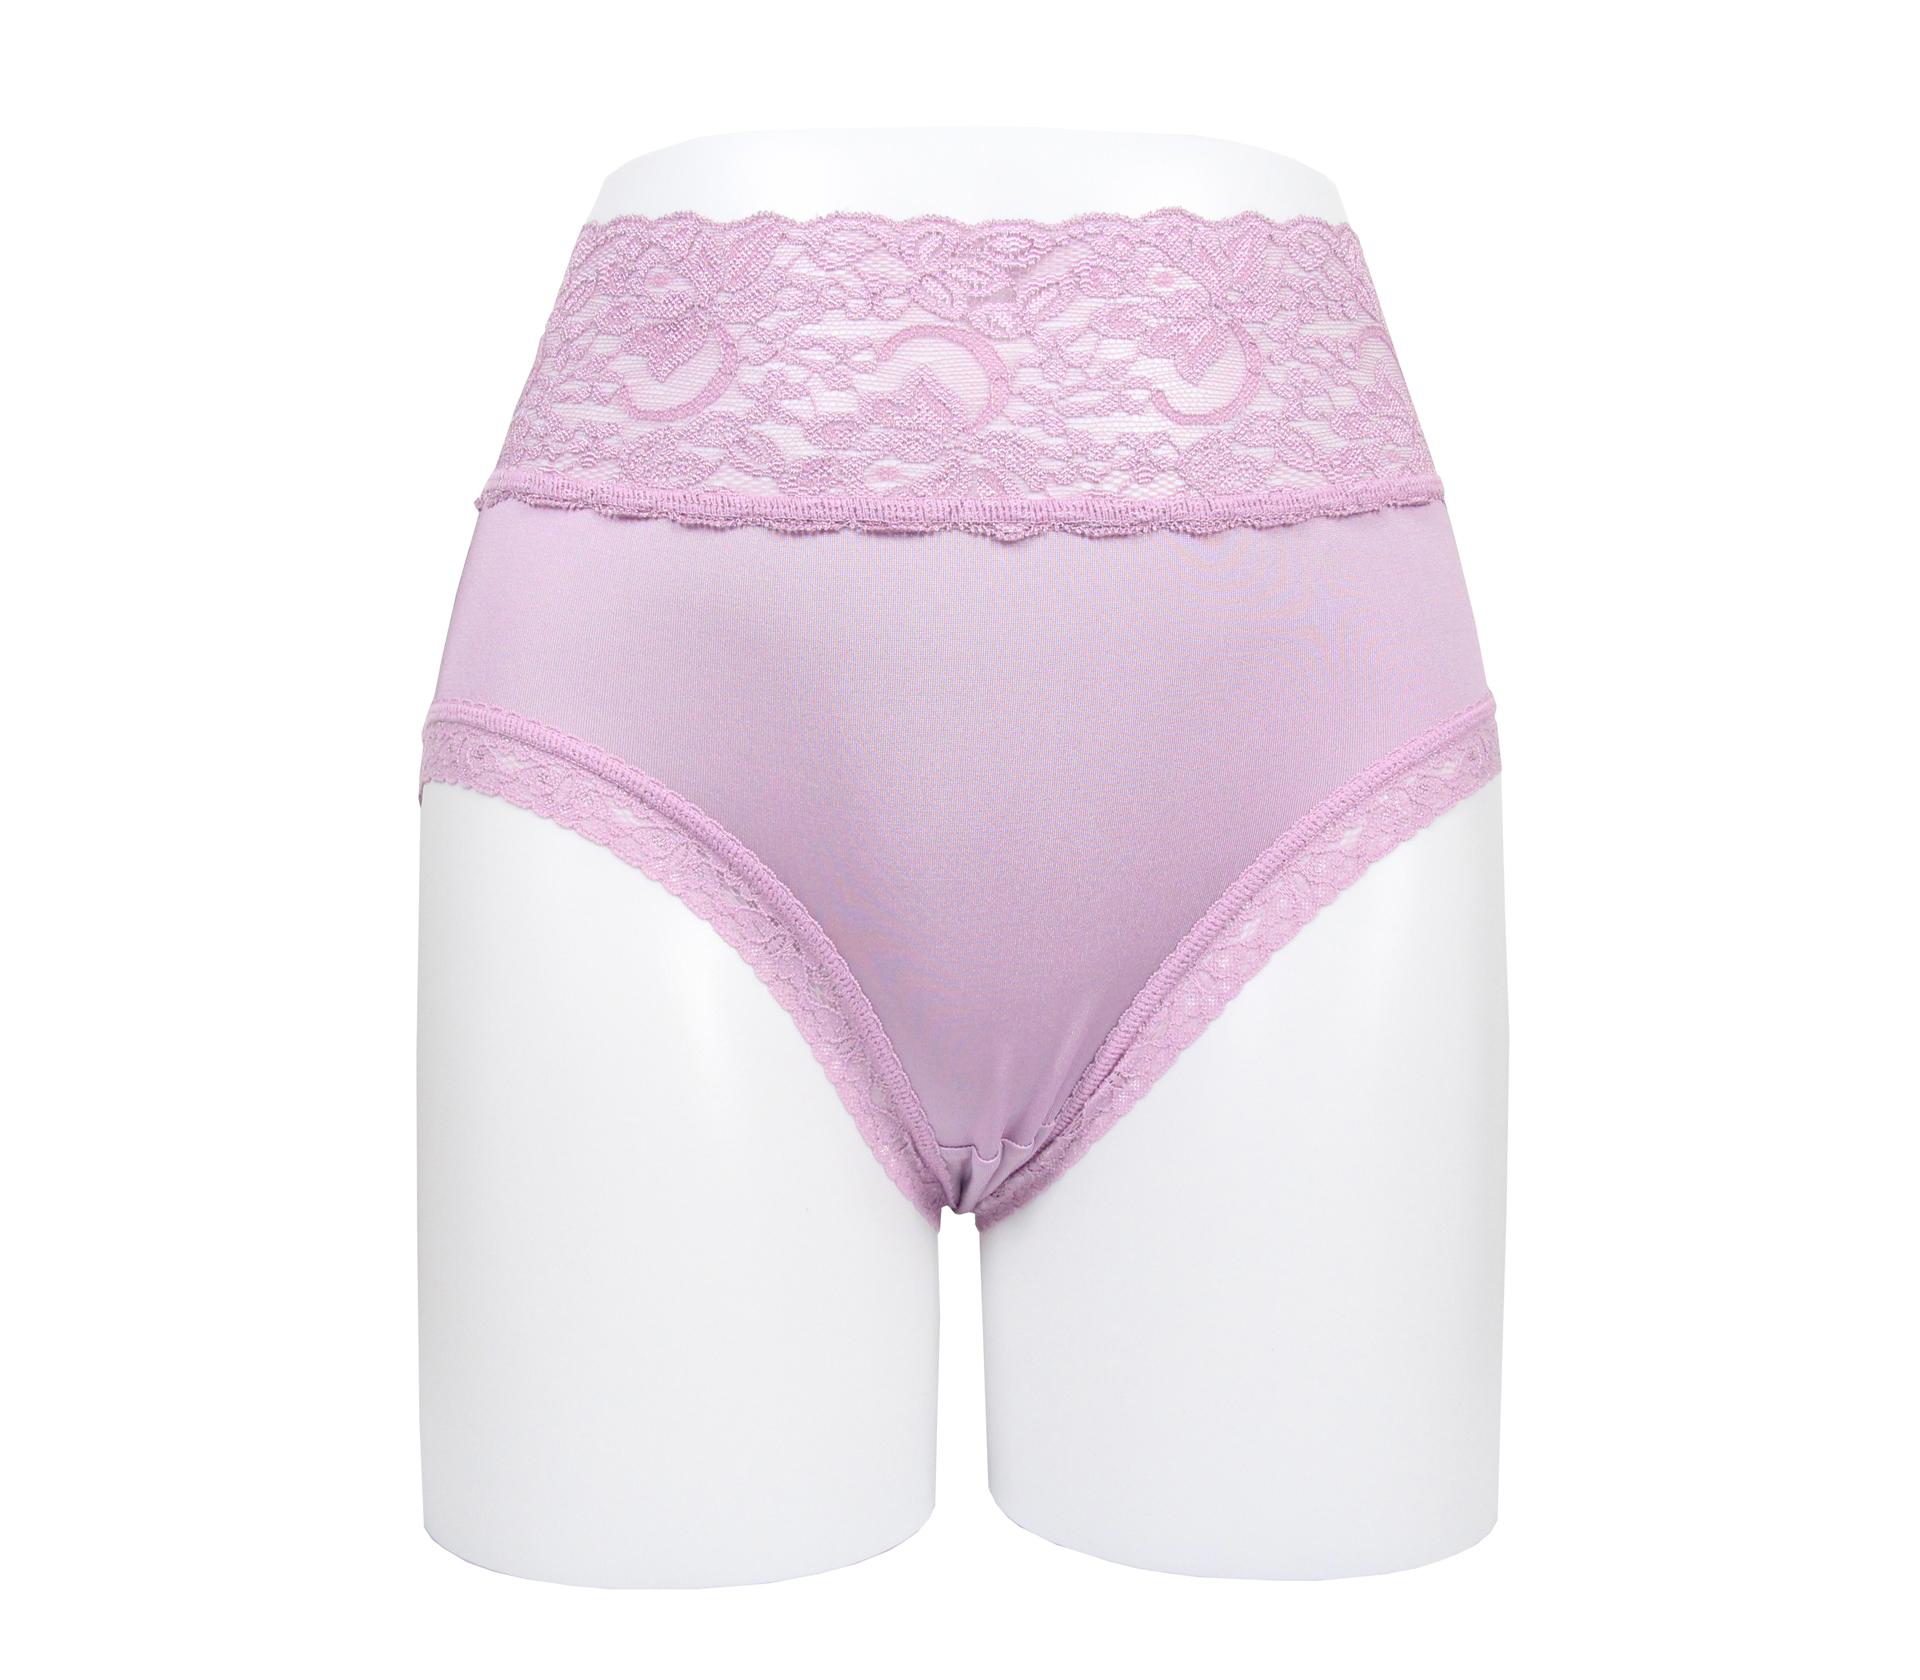 闕蘭絹花朵蕾絲100%蠶絲內褲 - 88909 (紫)